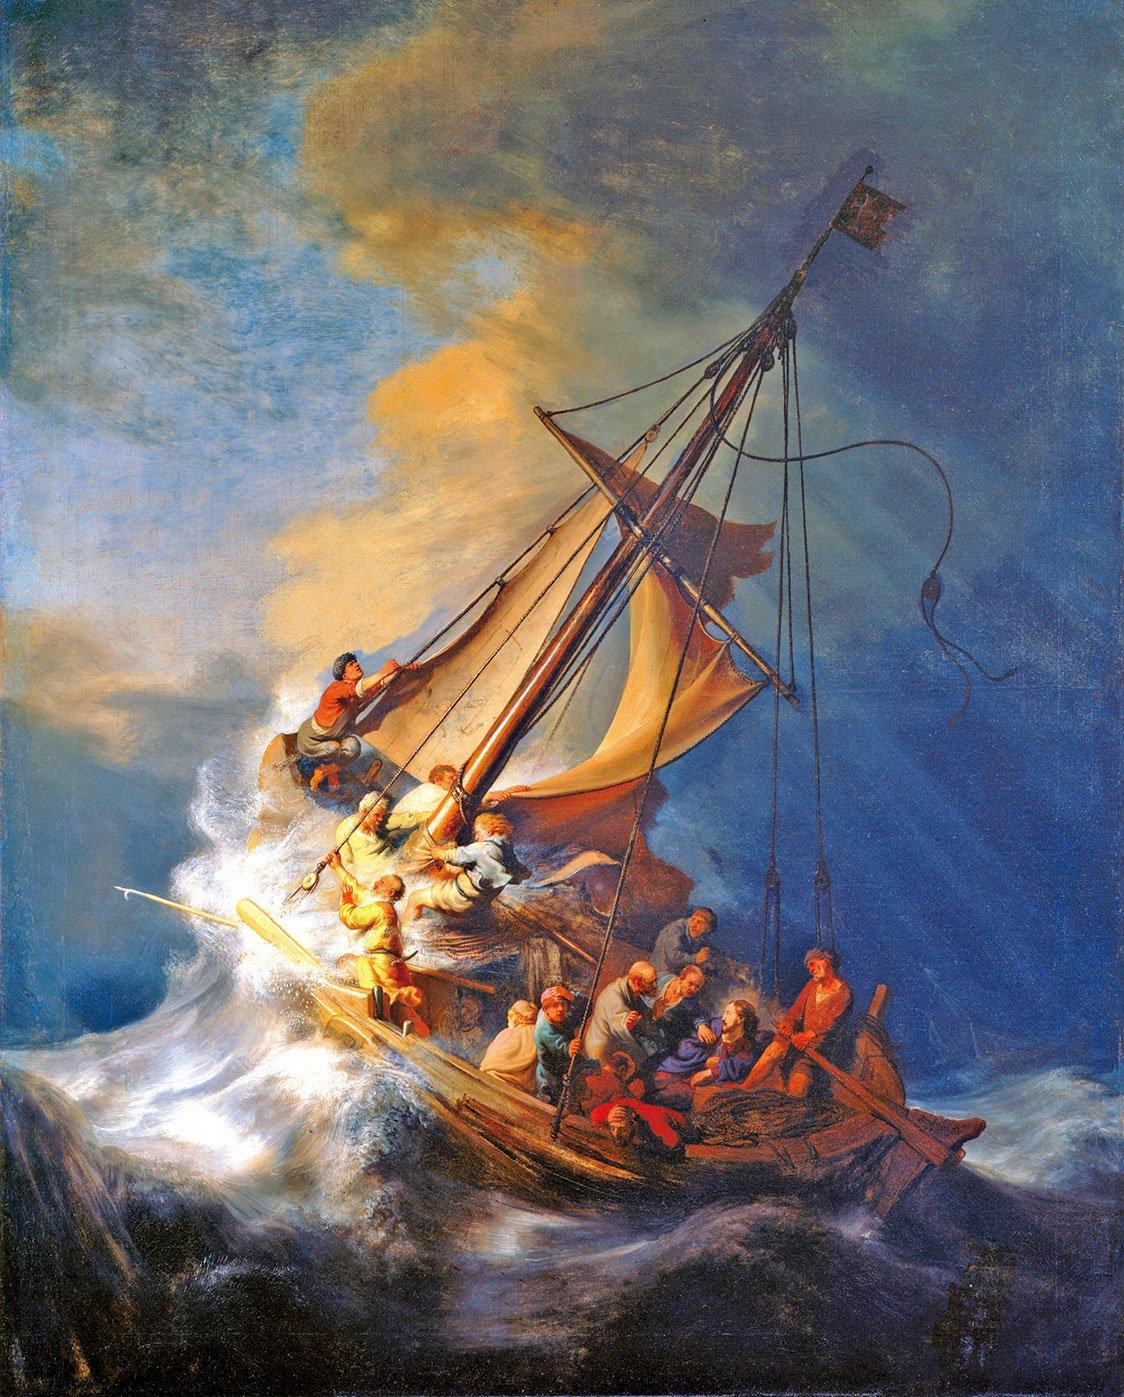 林布蘭1633年作品《加利利海上的風暴》。1990年在伊莎貝拉•斯圖爾特•加德納博物館(Isabella Stewart Gardner Museum)被偷竊。(公有領域)